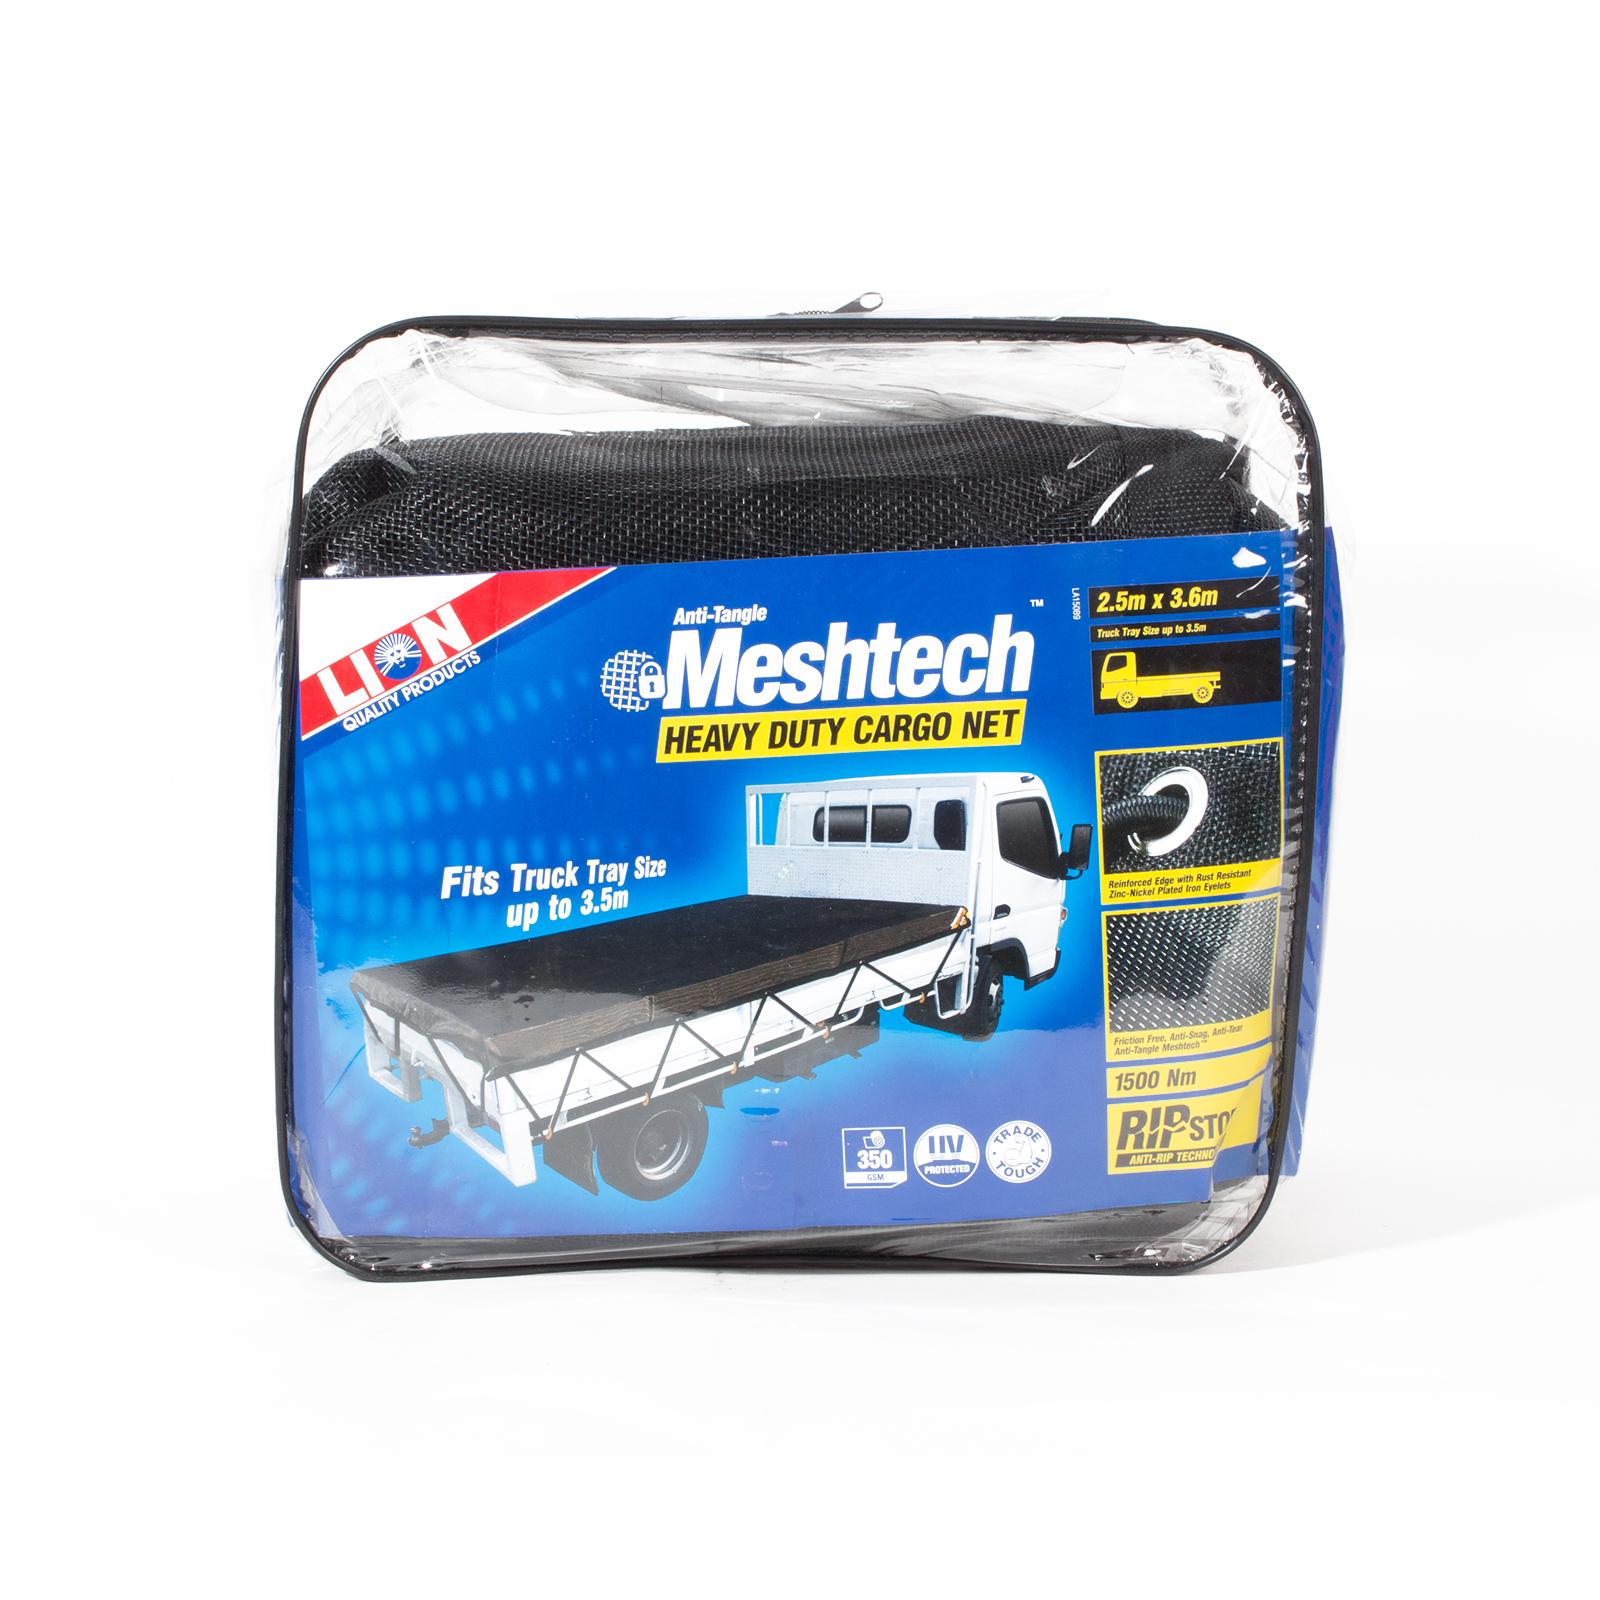 Lion 3.6 x 2.5m Meshtech 24 Hook Cargo Net